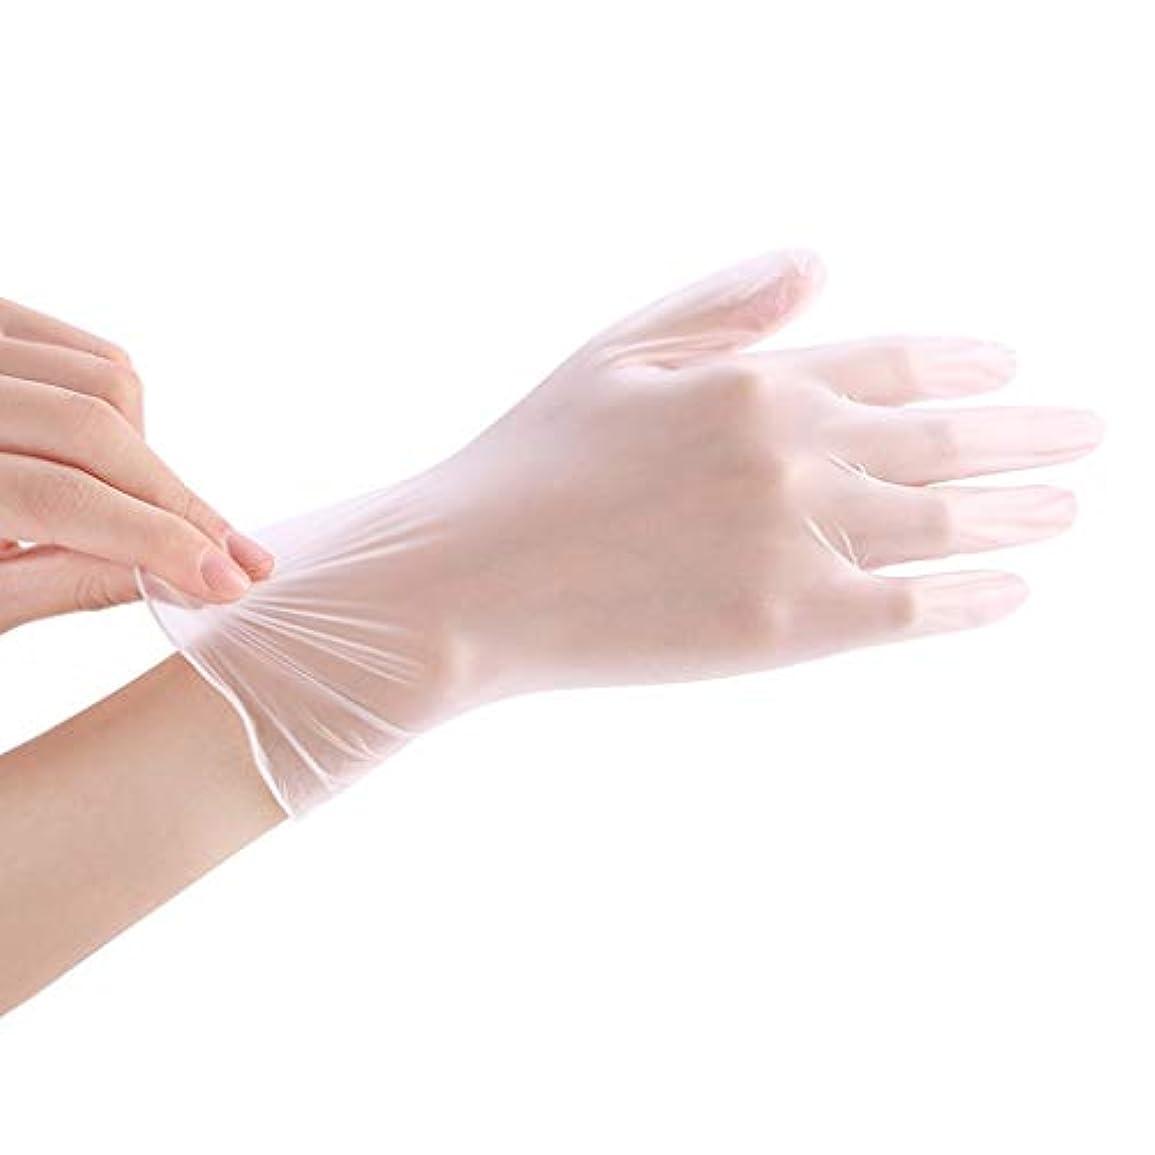 モスク燃料ボリューム使い捨て透明食品ケータリンググレードPVC手袋美容キッチンベーキングフィルム手袋200 YANW (色 : トランスペアレント, サイズ さいず : L l)